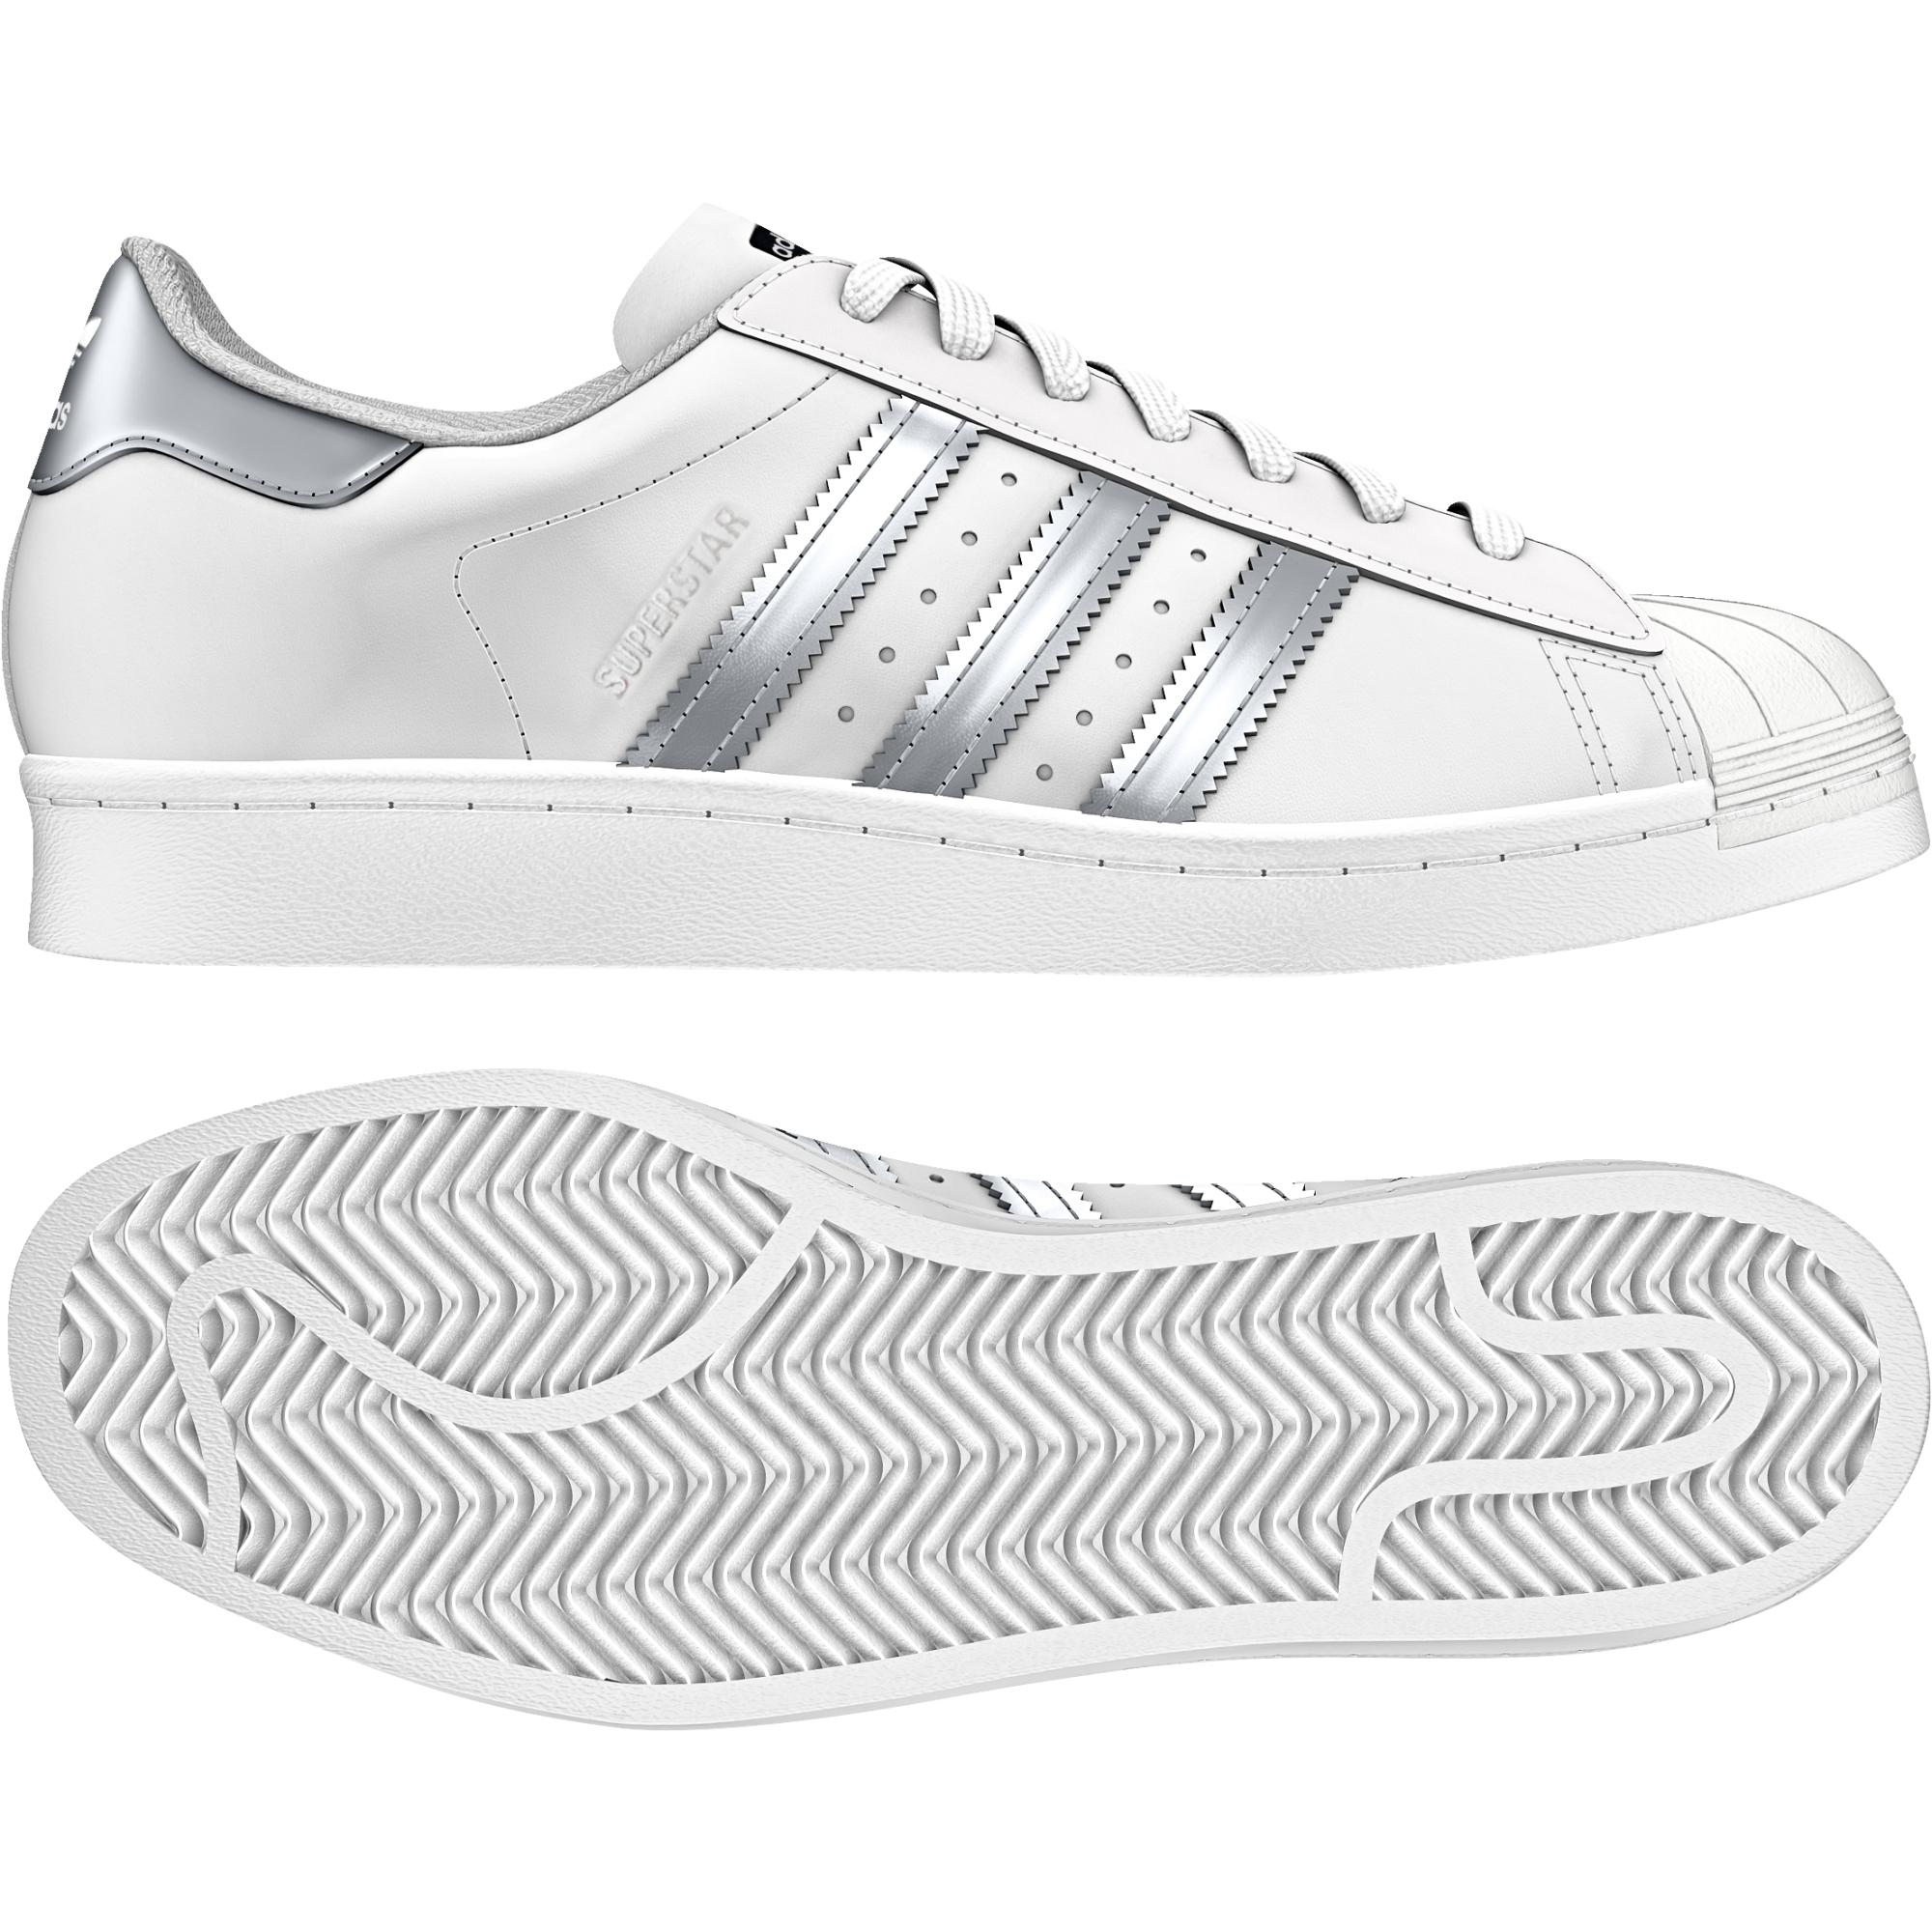 meilleur authentique 2e5af 890cb Chaussures femme adidas Superstar